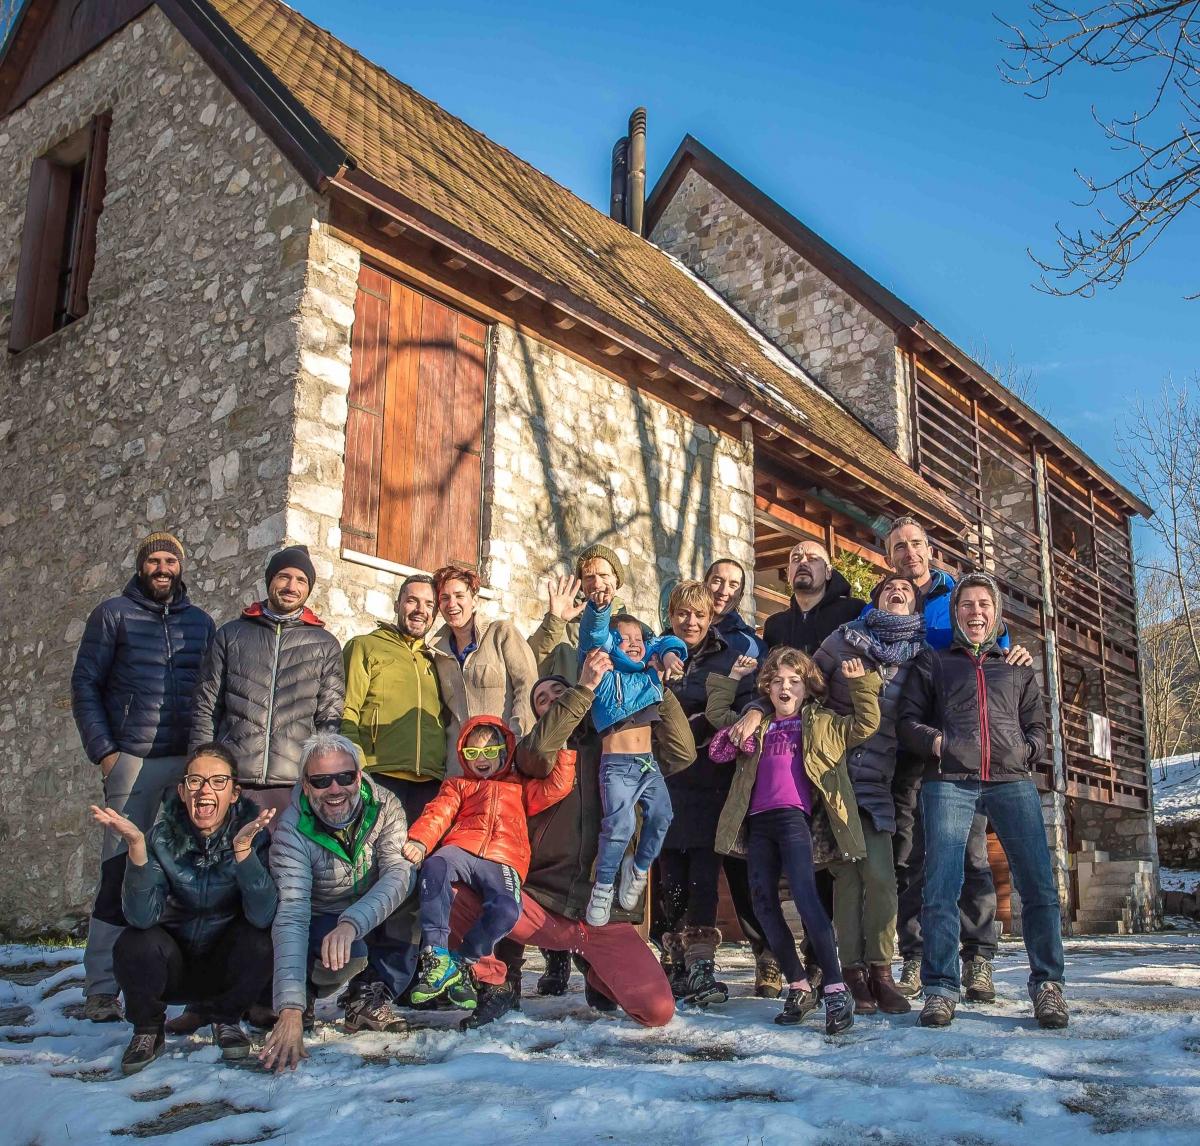 Freeuliamo, Andreis, Pordenone, base scout Andreis, Friuli